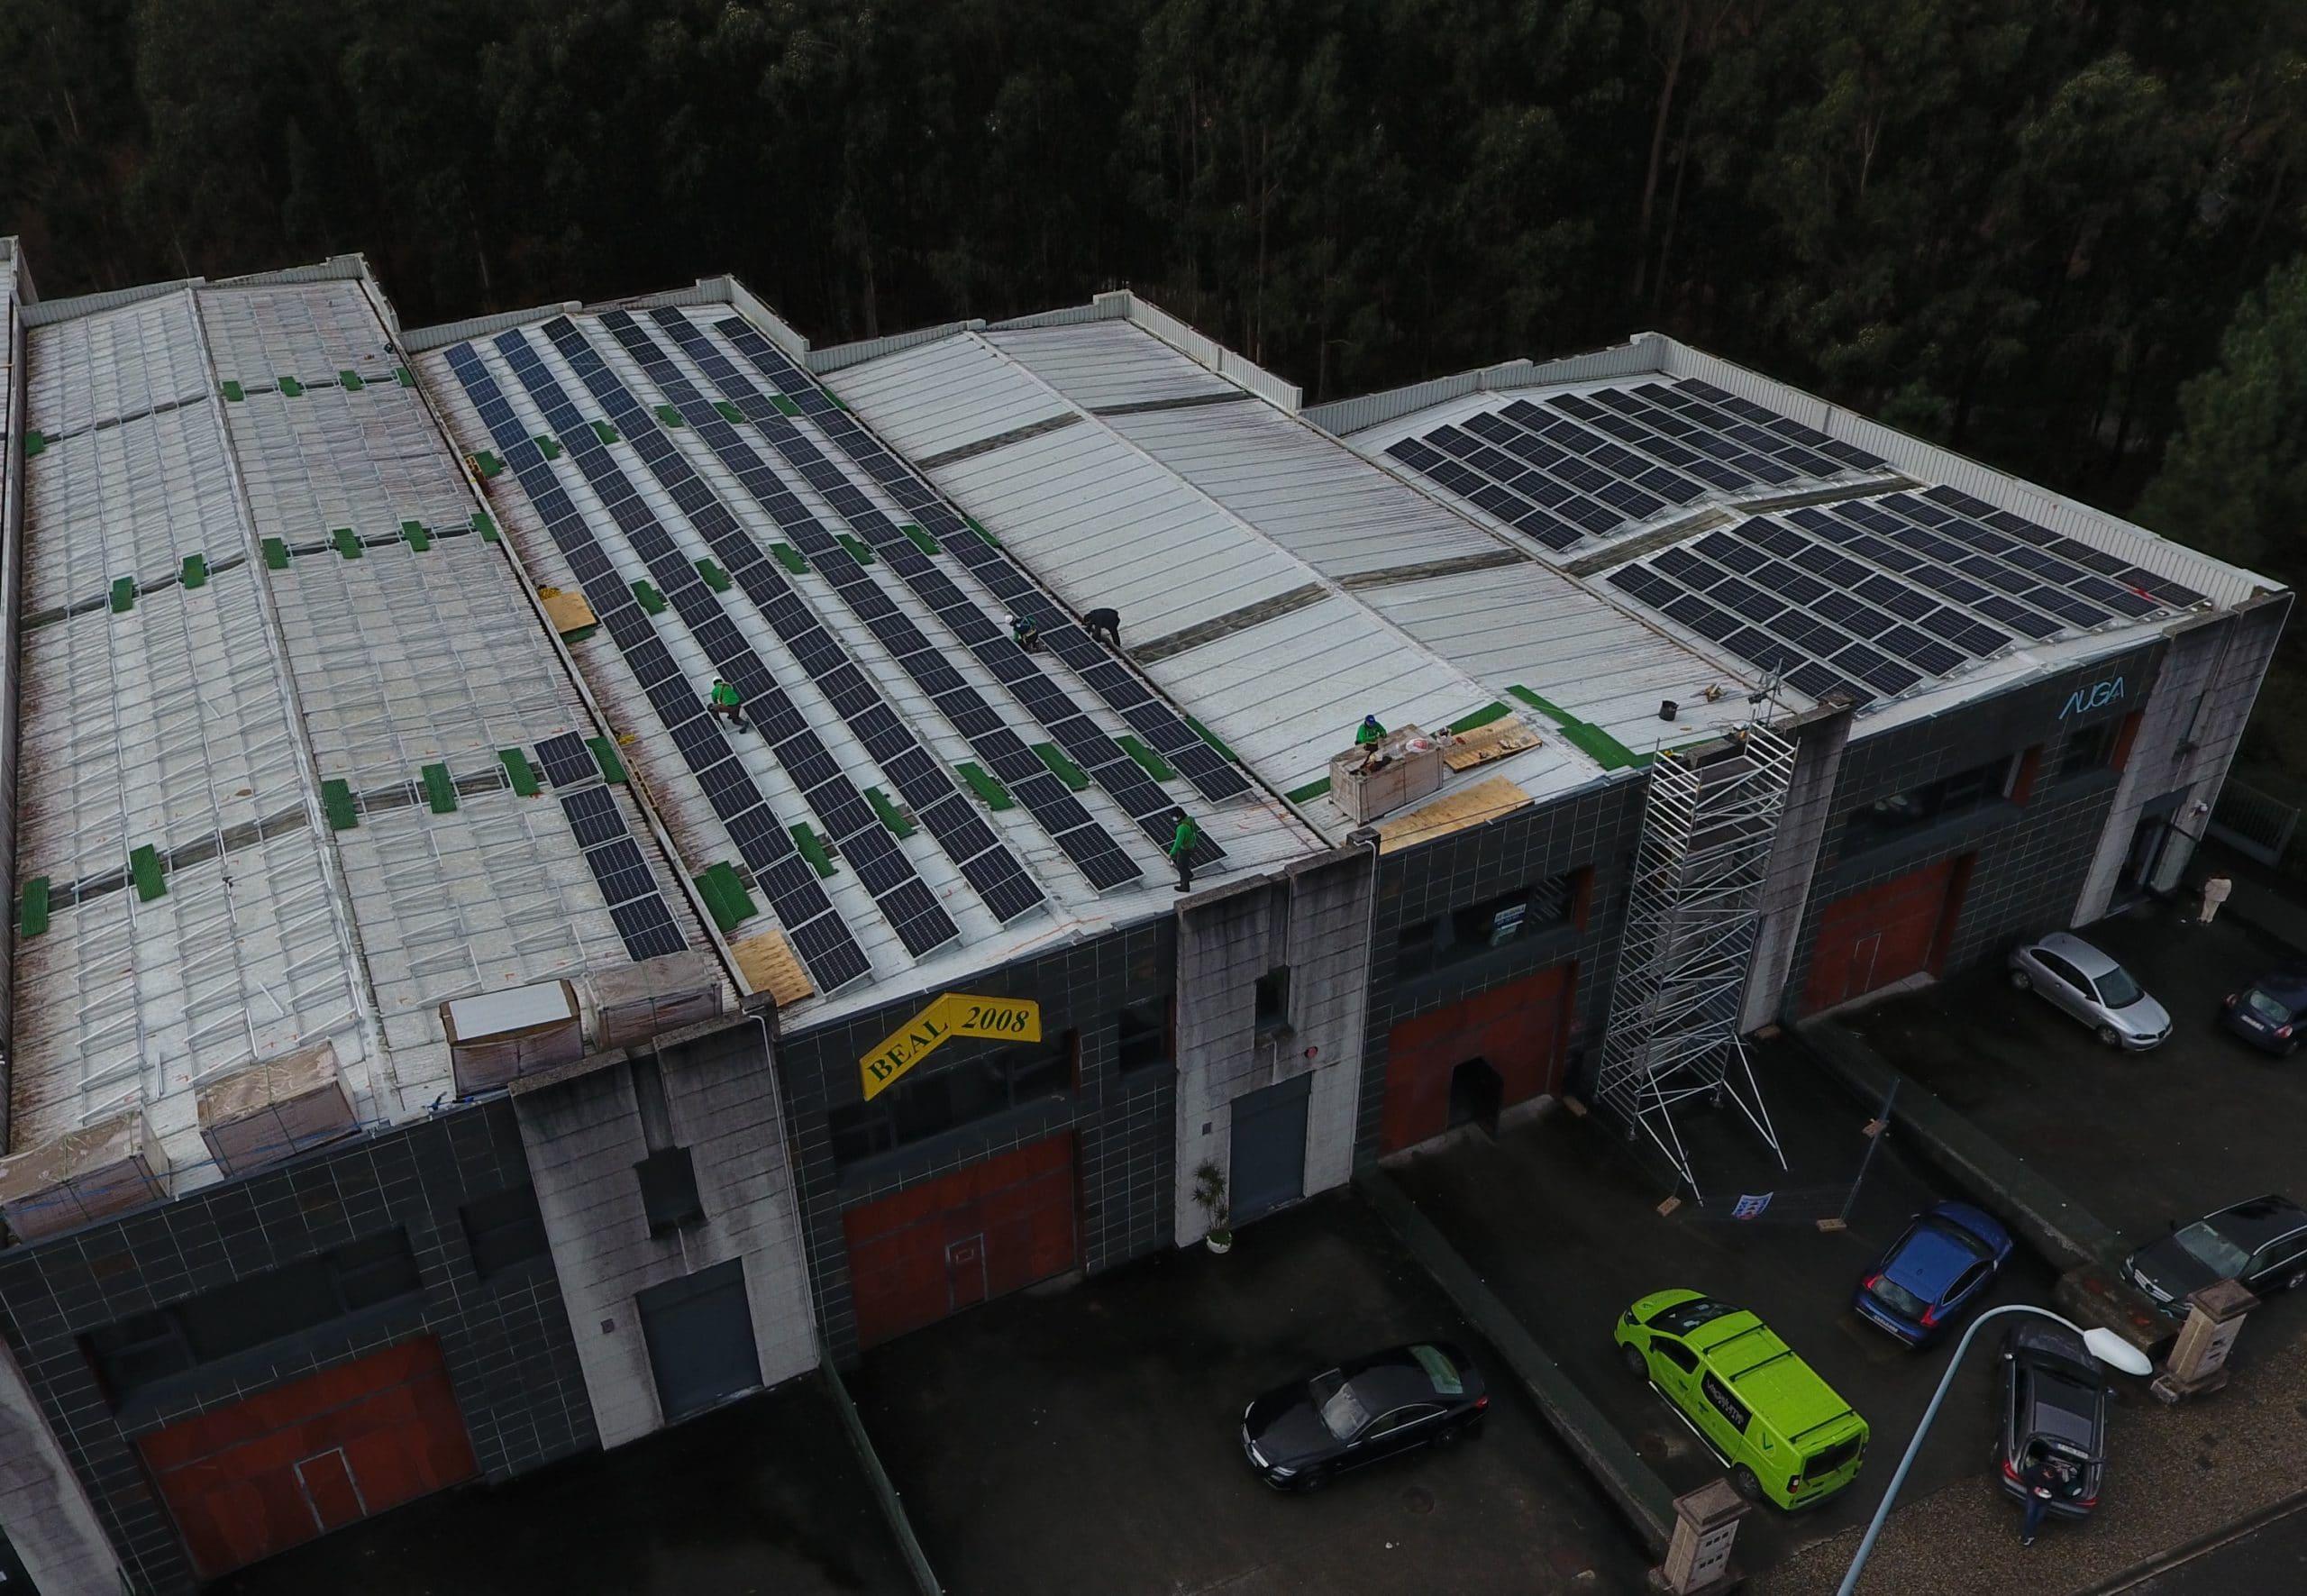 instalación fotovoltaica para autoconsumo en nave industrial